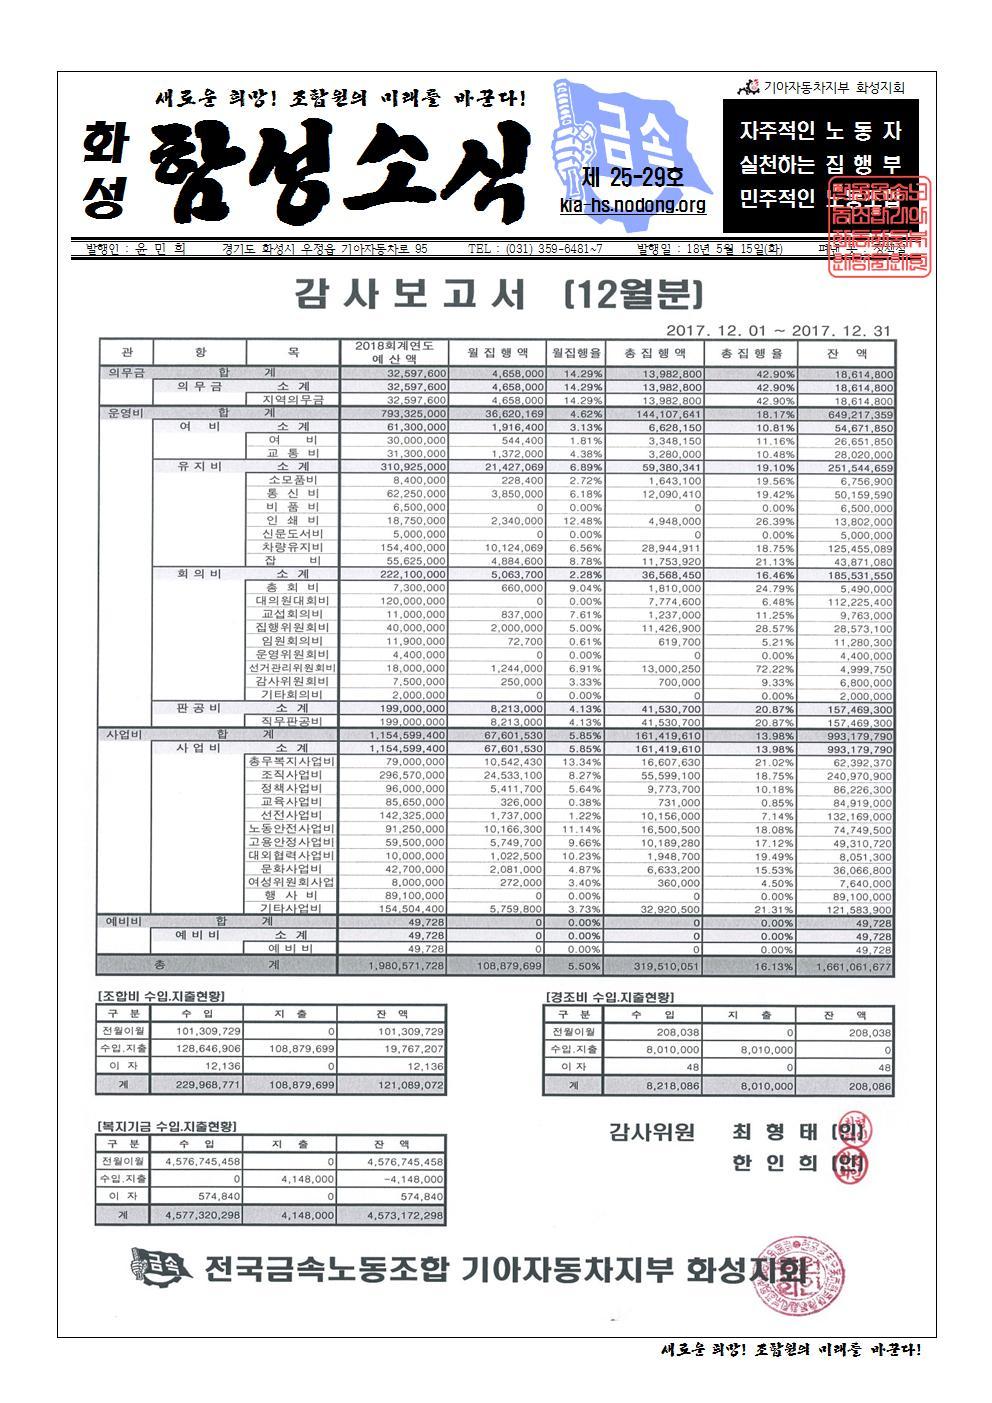 함성소식 25-29001.jpg